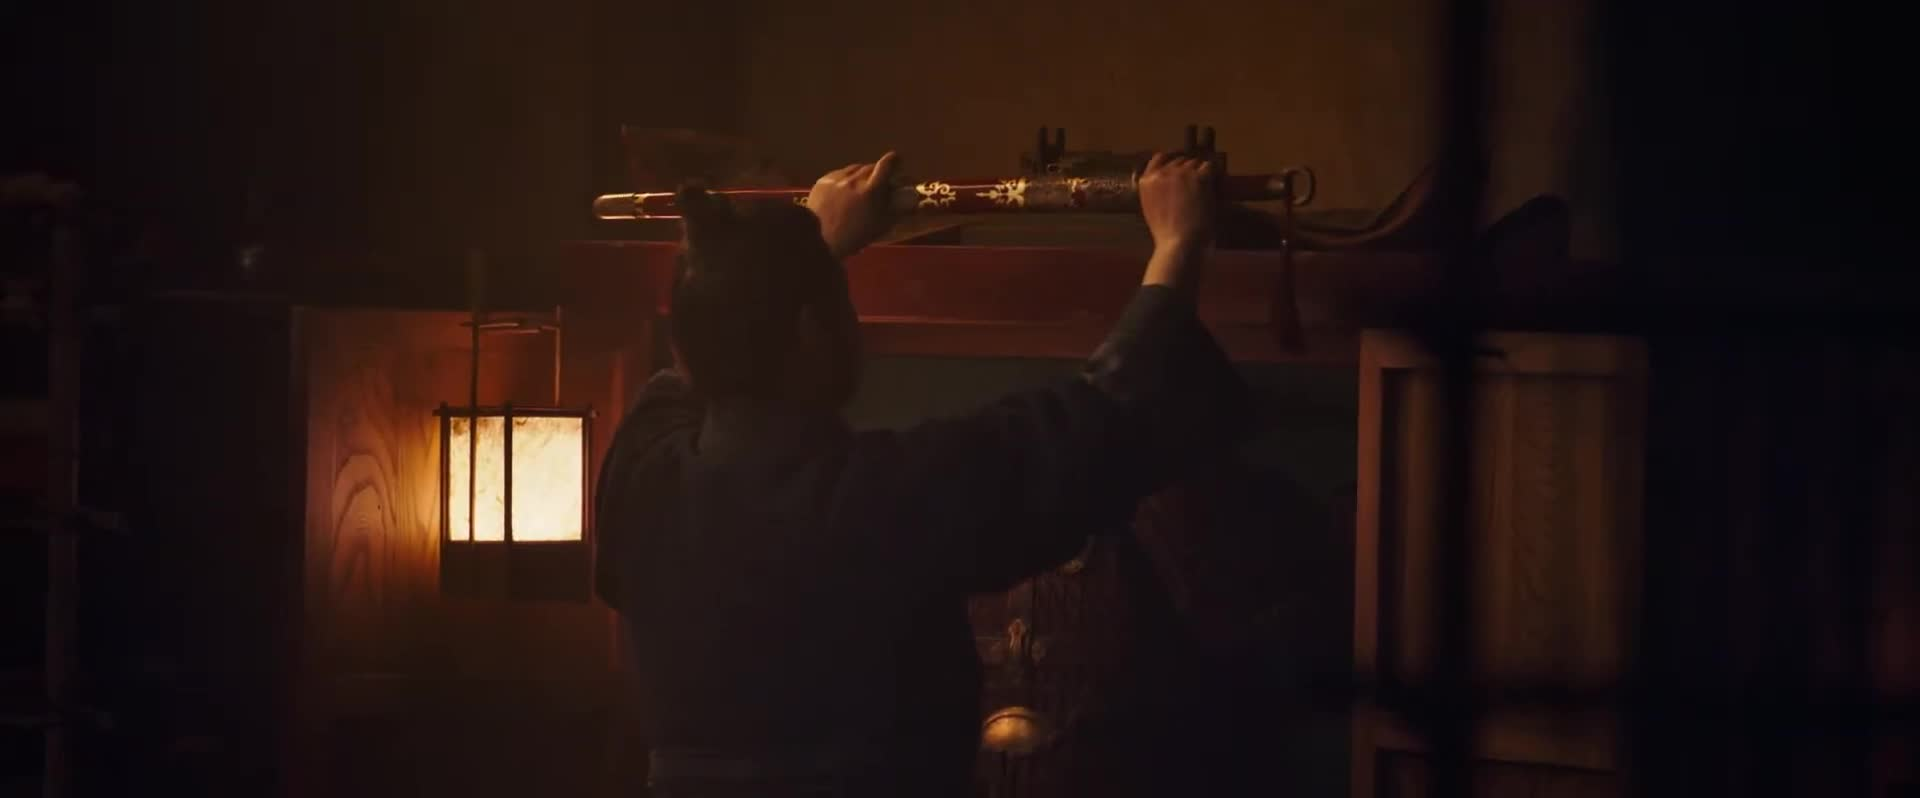 Mulan - International Trailer #1 [HD] screen capture